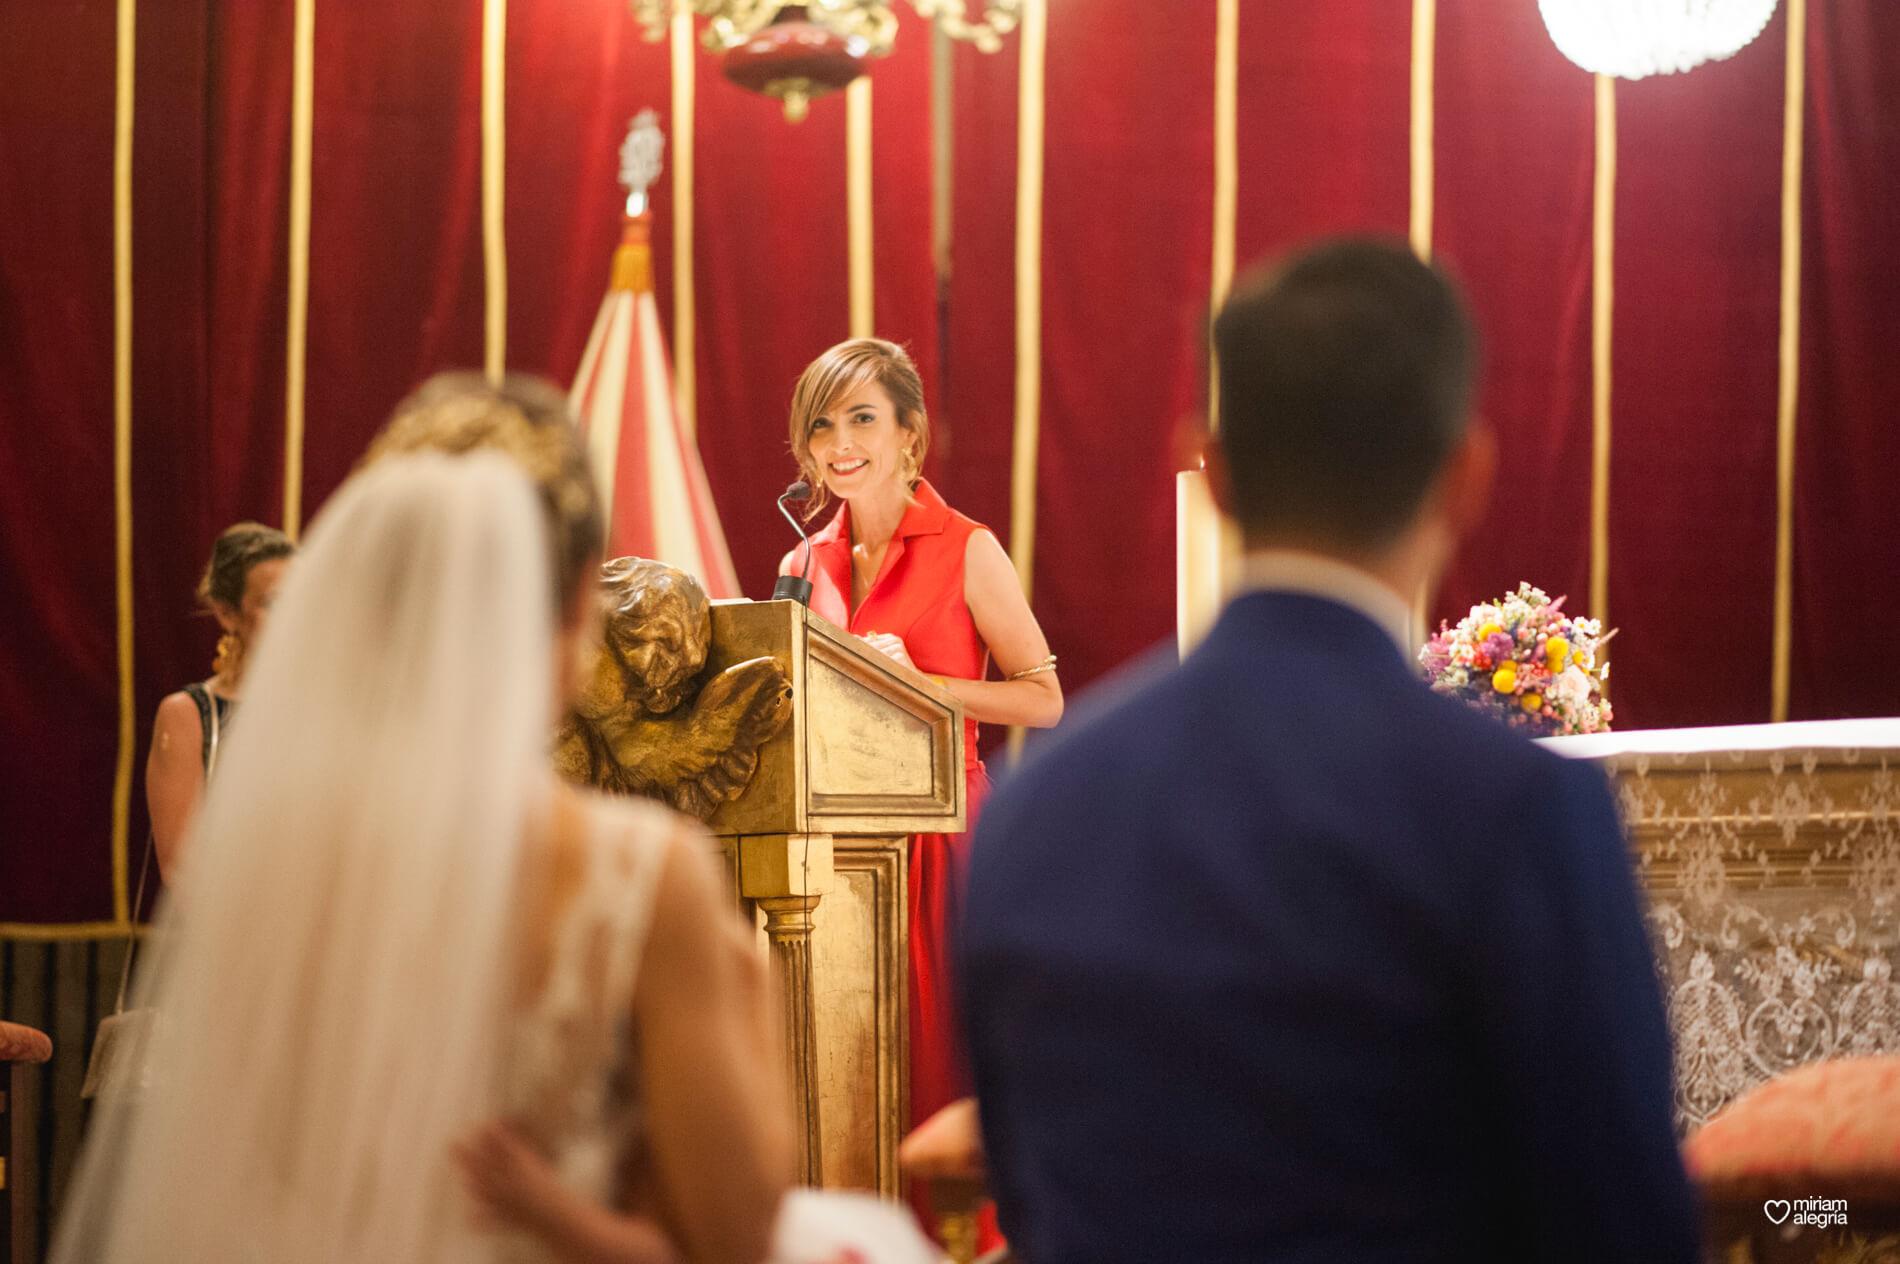 wedding-huerto-del-cura-elche-miriam-alegria-fotografos-boda-215